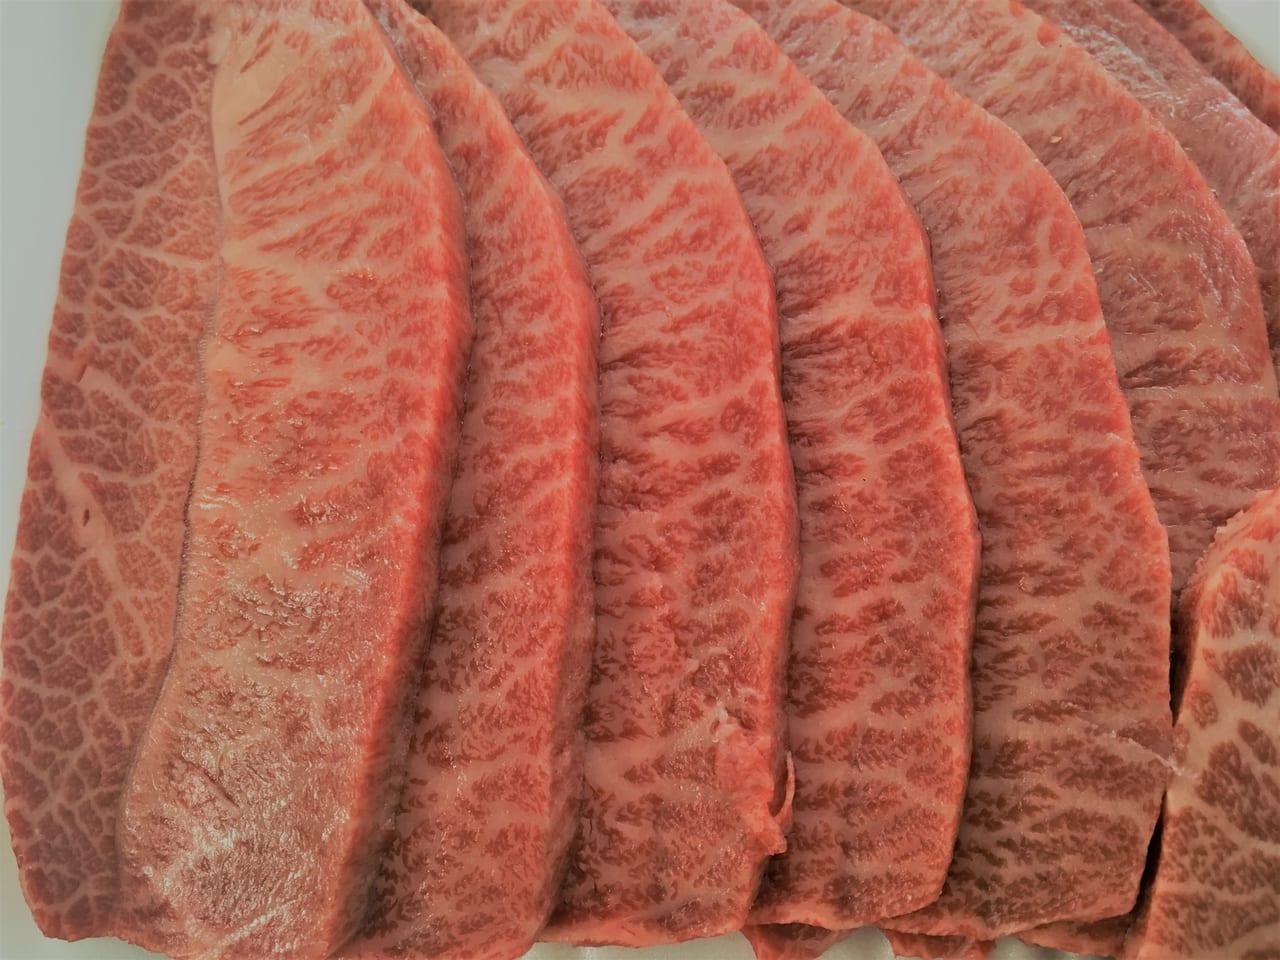 肉の長良で買ったバーベキューの肉(みすじのアップ)